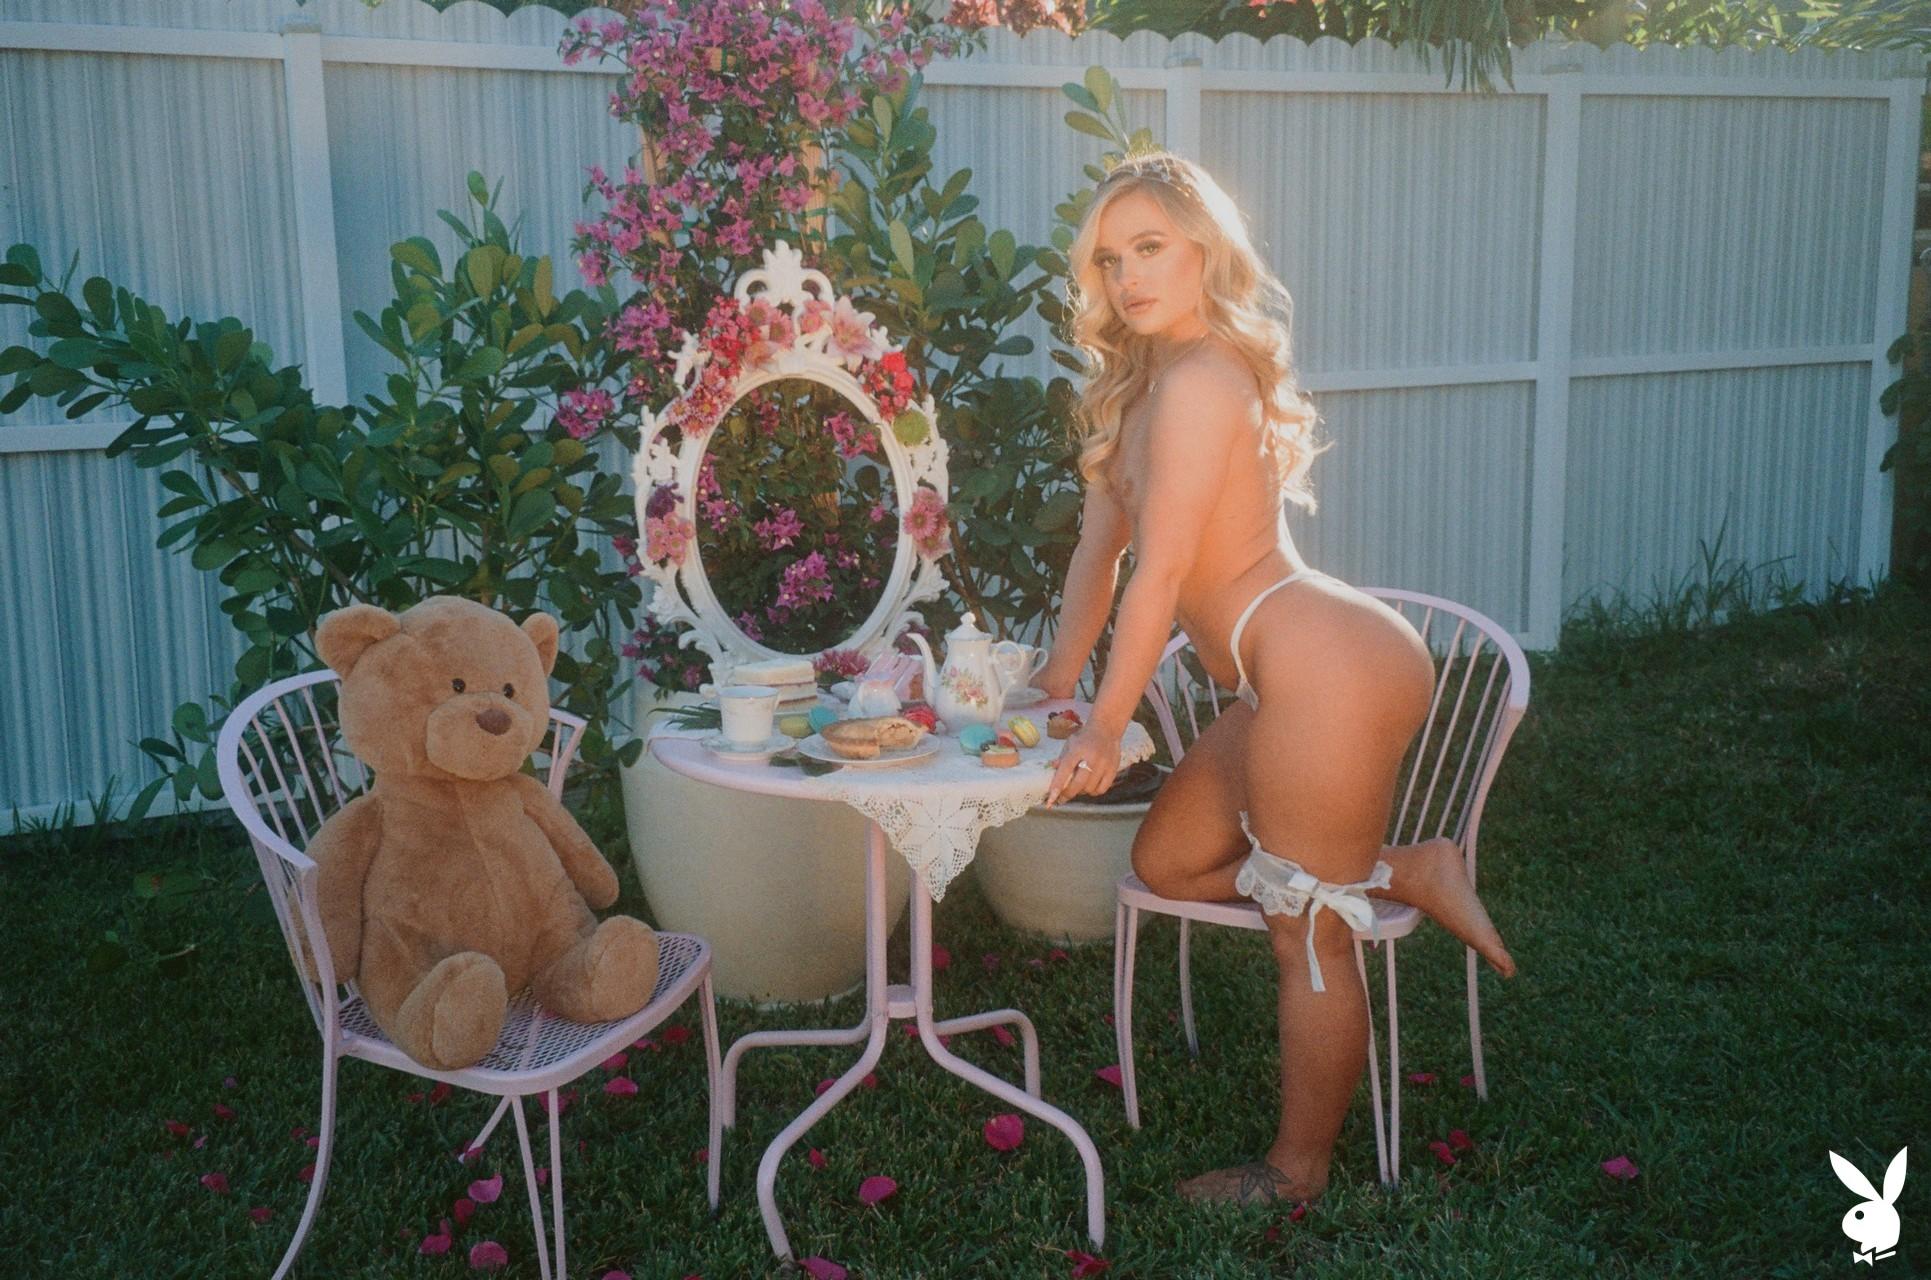 Jackie In Sweet Treats Playboy Plus (14)